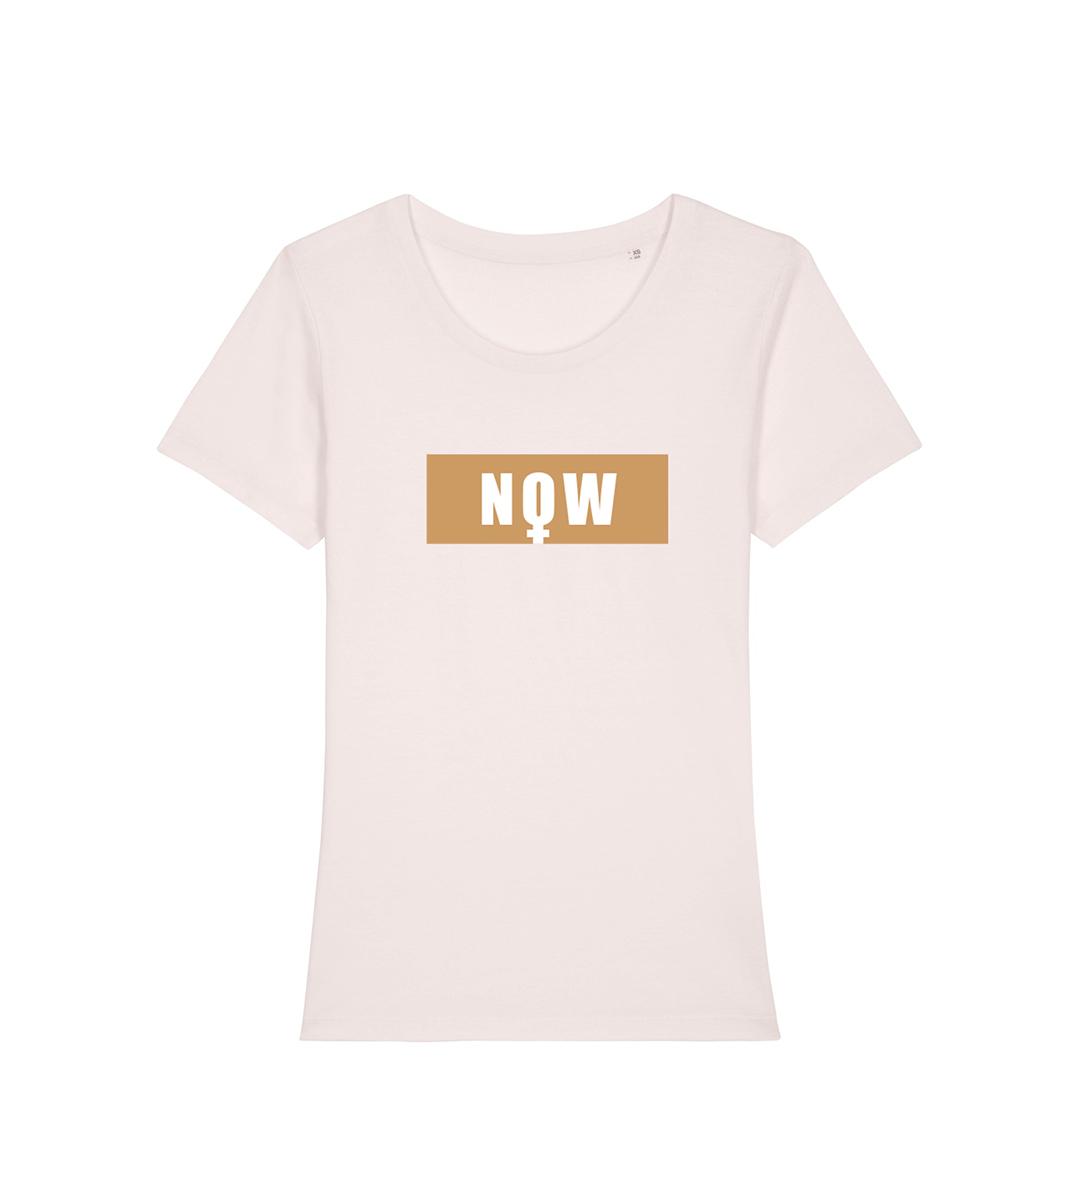 T-shirt NOW en coton bio couleur blanc casé avec l'impression cuivré, Leonor Roversi